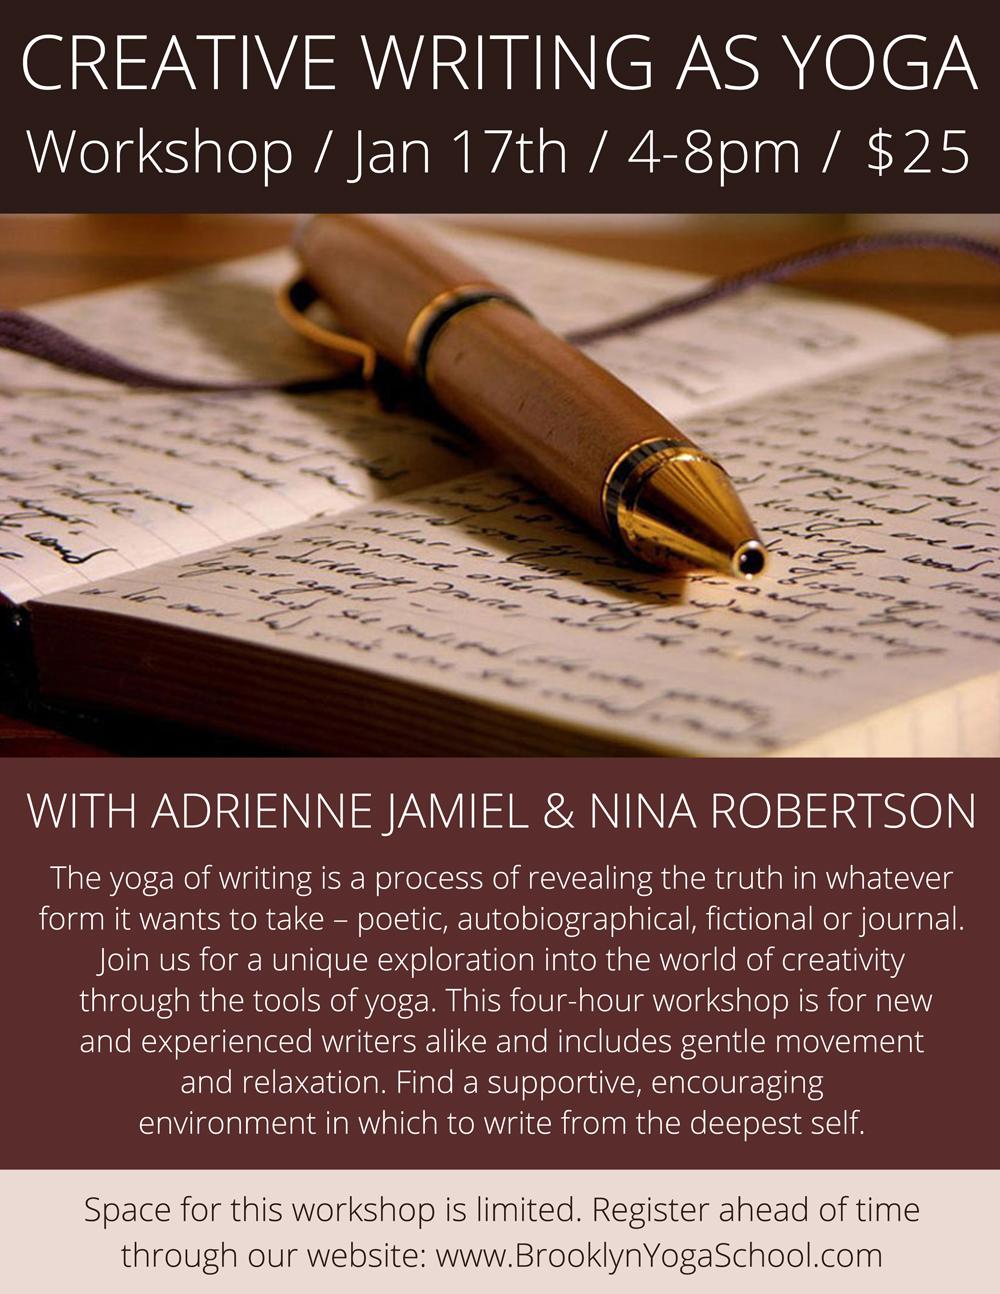 Creative Writing As Yoga Workshop